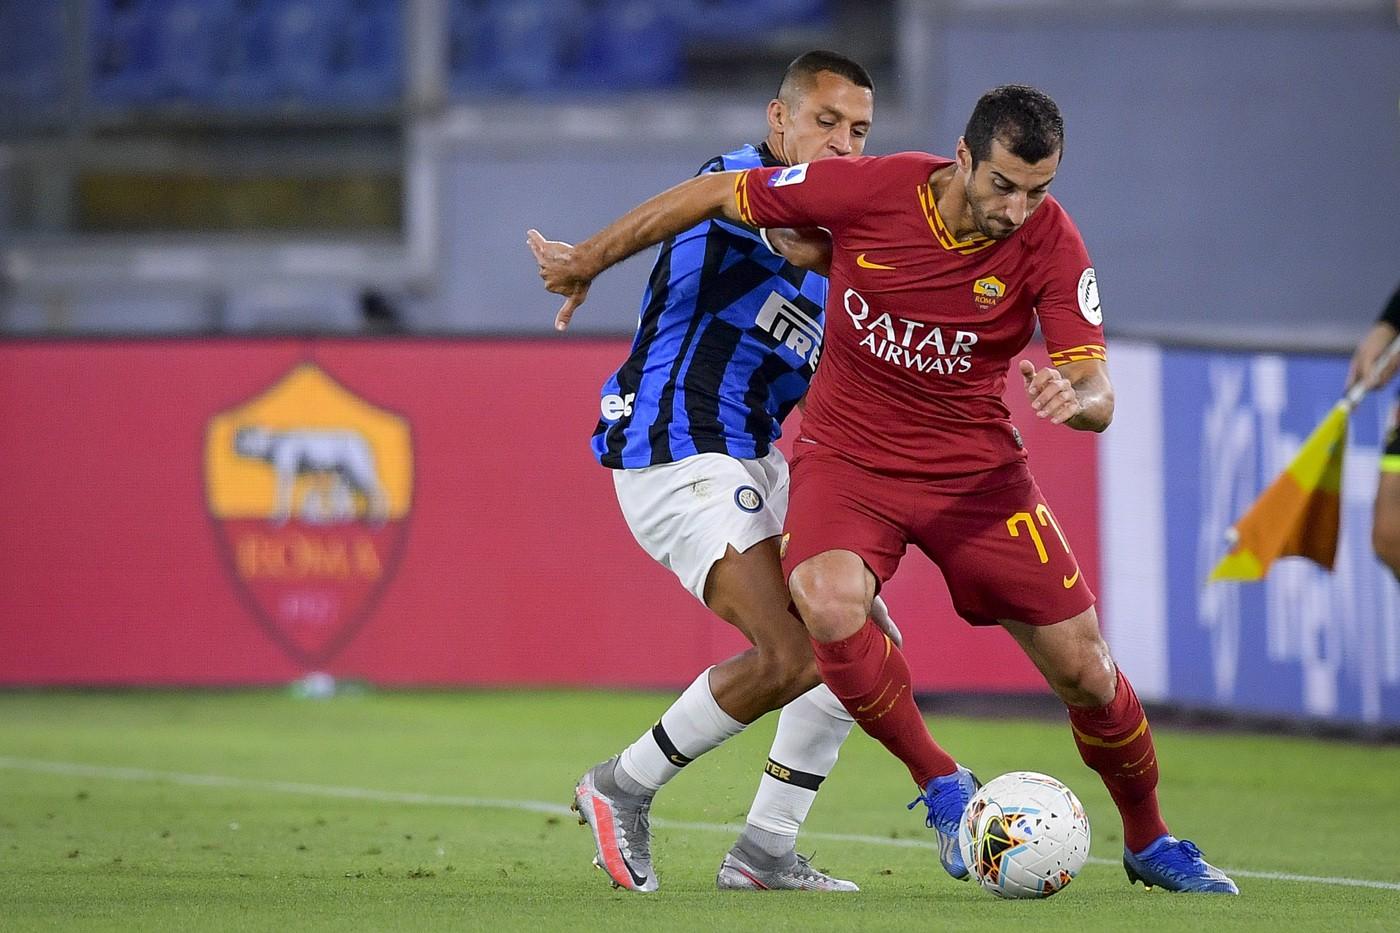 Rinnovo e amore per la Roma, Mkhitaryan infiamma il derby |  Sport e Vai